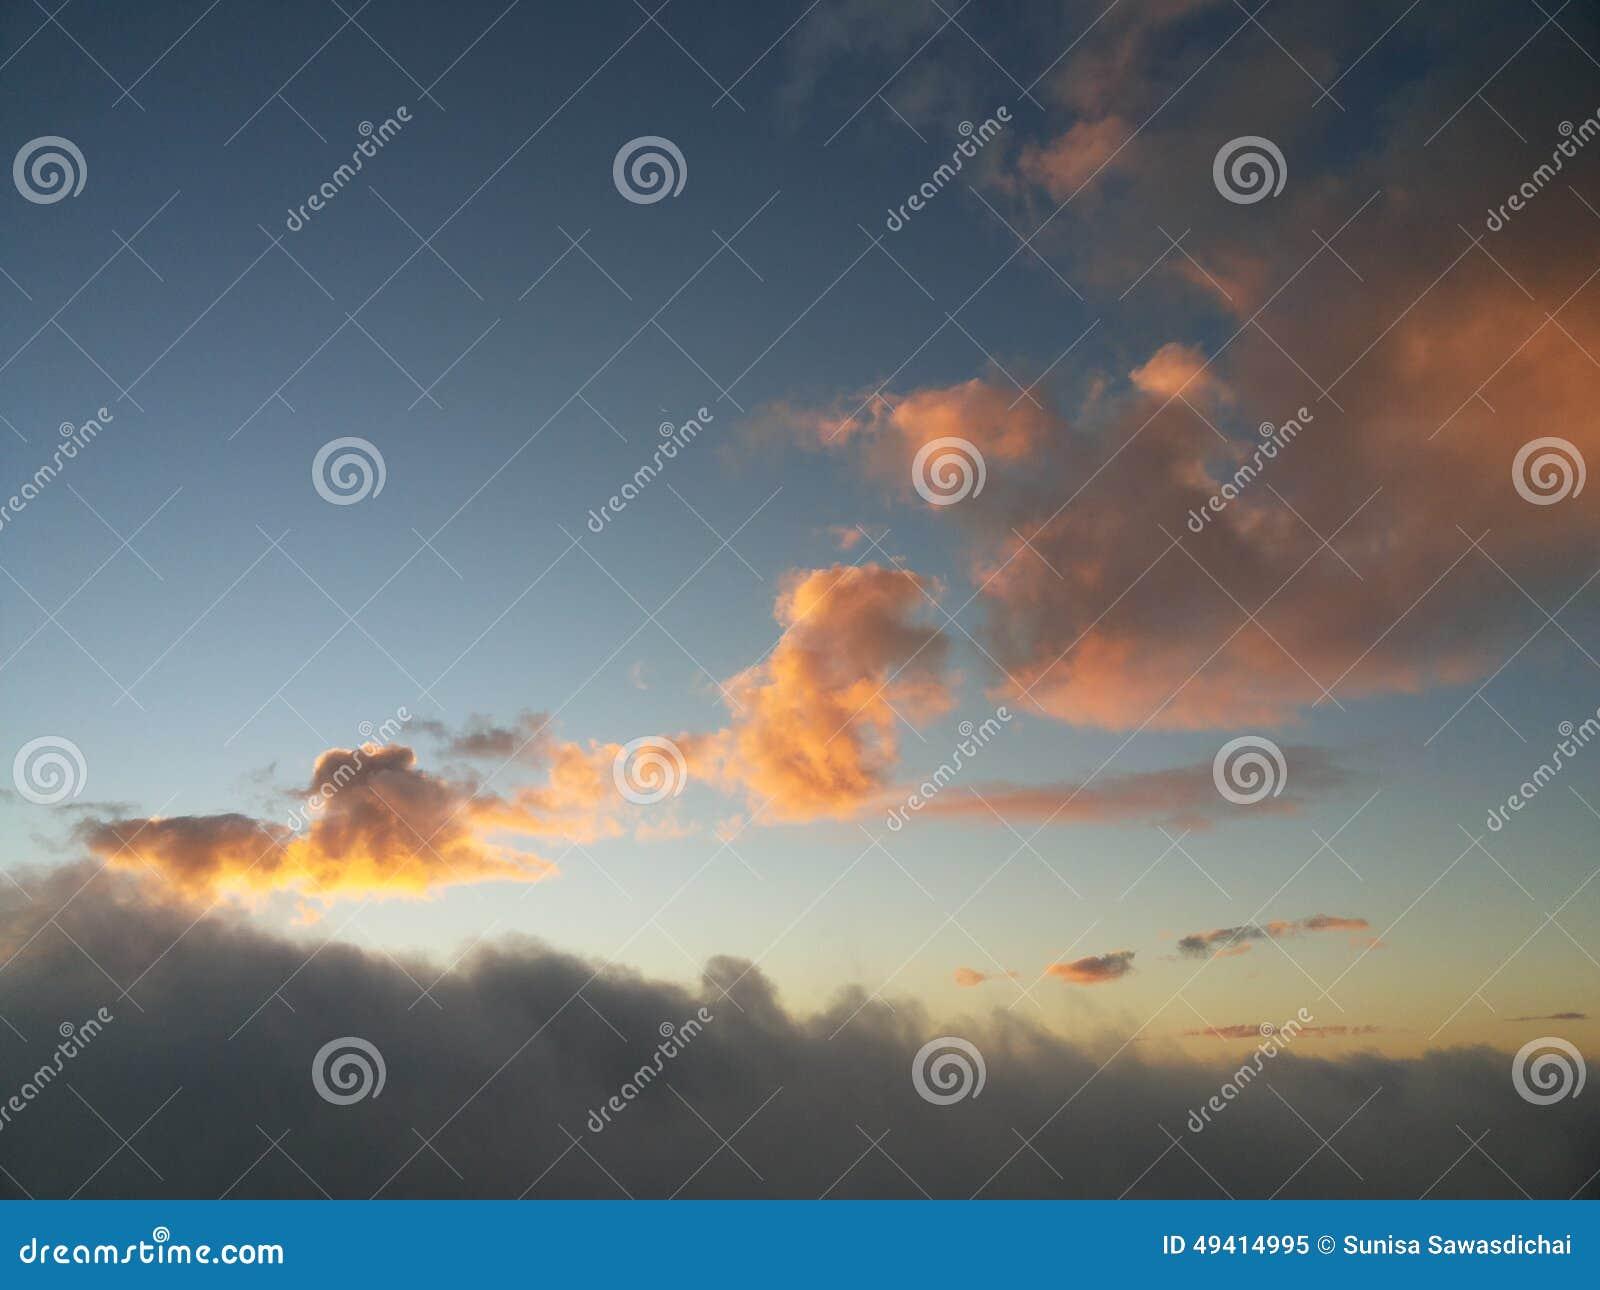 Download Goldene Wolke stockbild. Bild von golden, himmel, tageslicht - 49414995